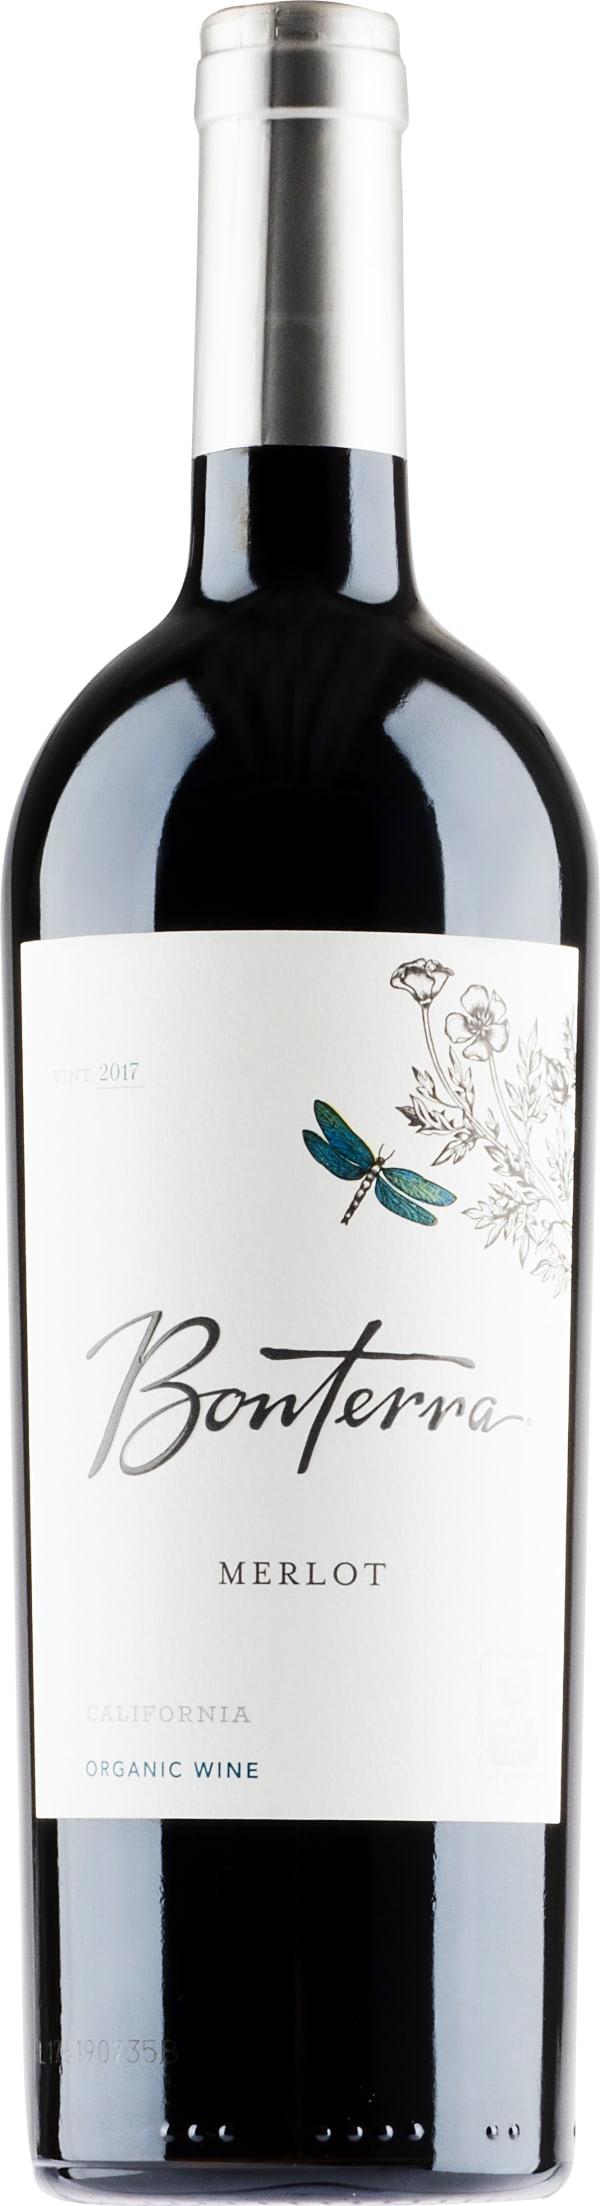 Bonterra Organic Merlot 2017